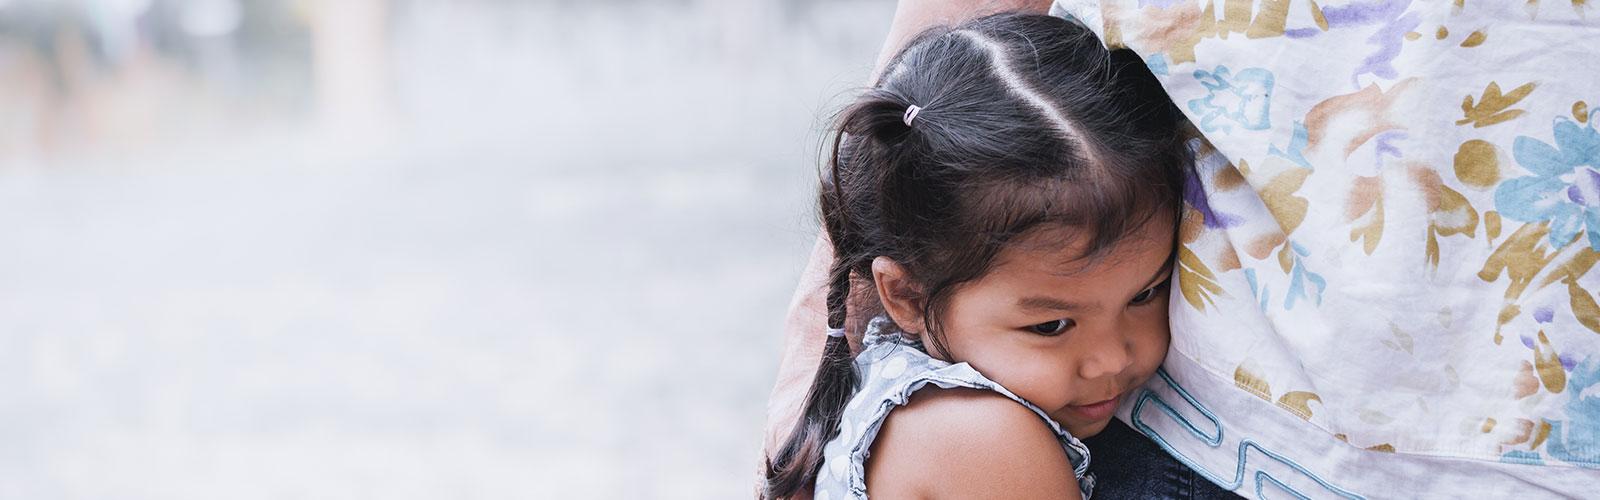 Child hugs parent